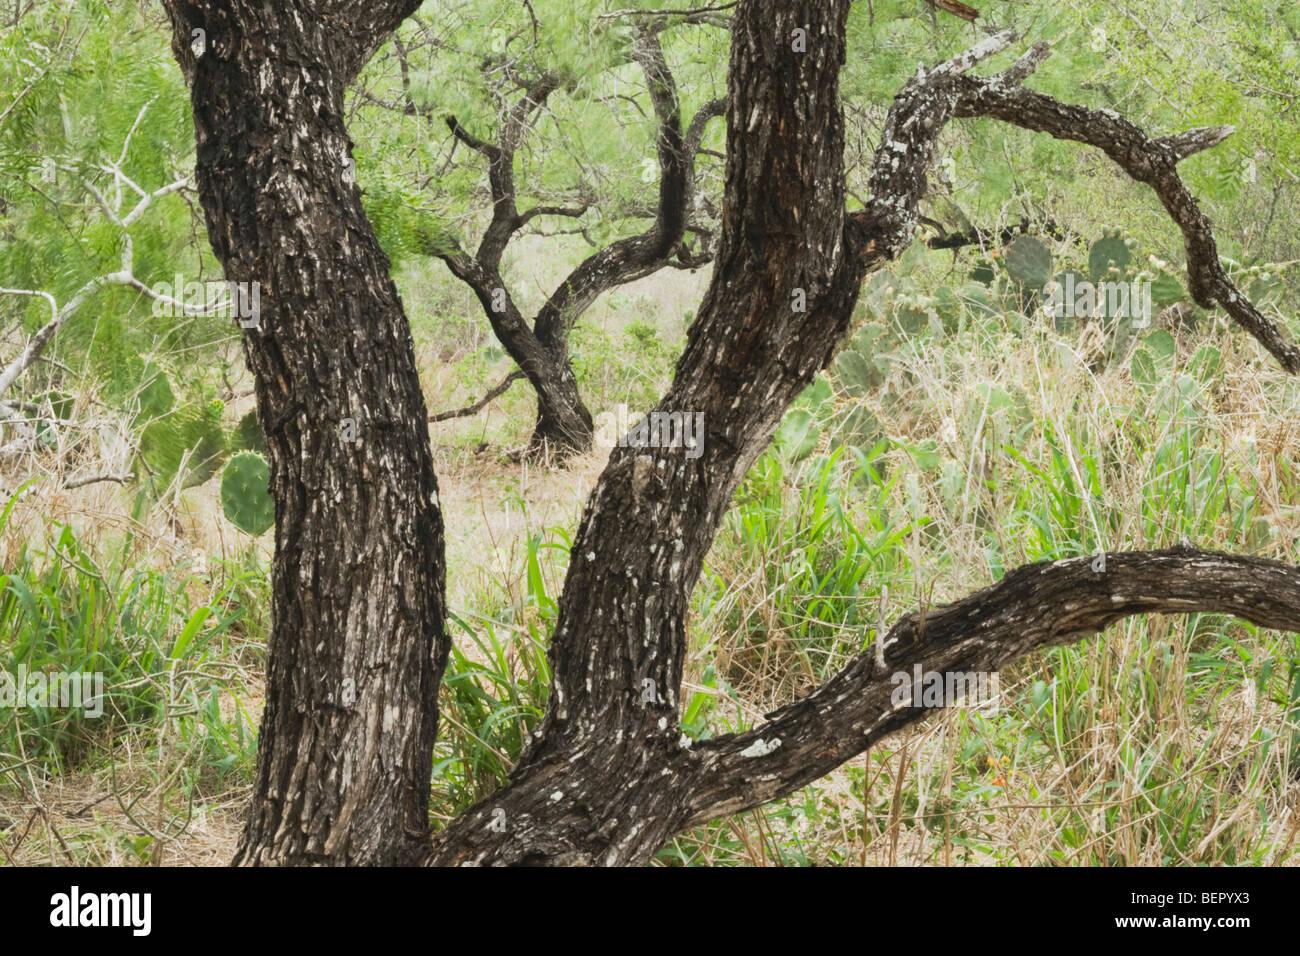 Le miel d'arbres mesquite (Prosopis glandulosa), vallée du Rio Grande, au Texas, USA Banque D'Images